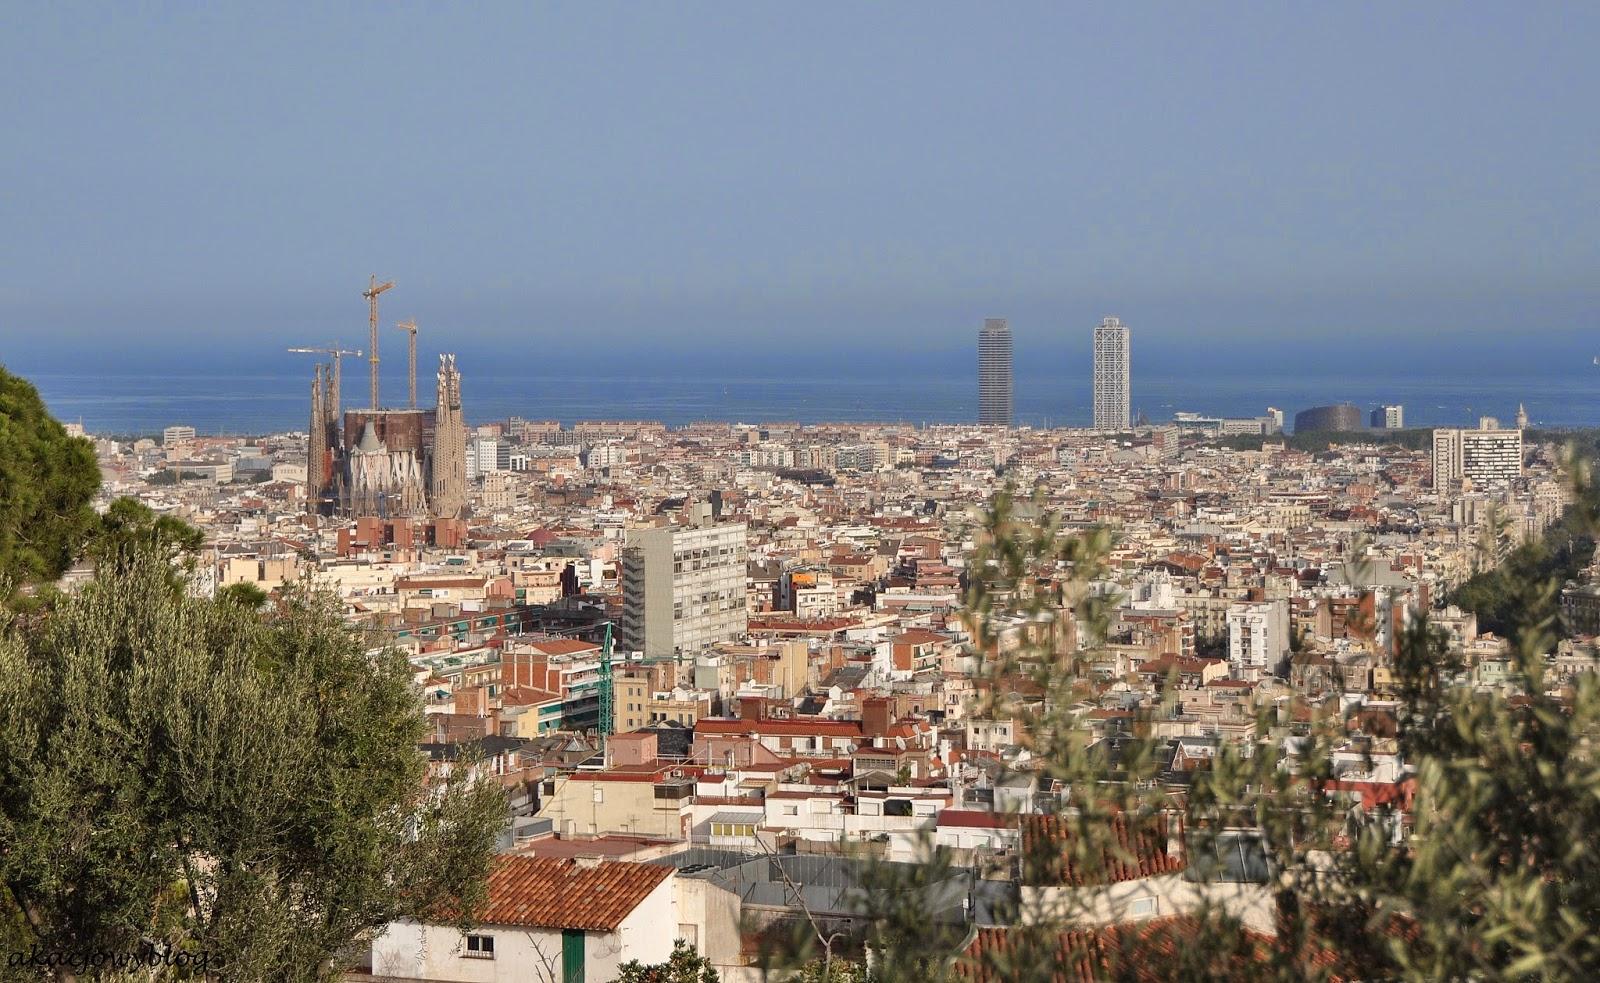 Dzieło życia - Sagrada Familia. Depcząc po piętach Gaudiemu (część 1).